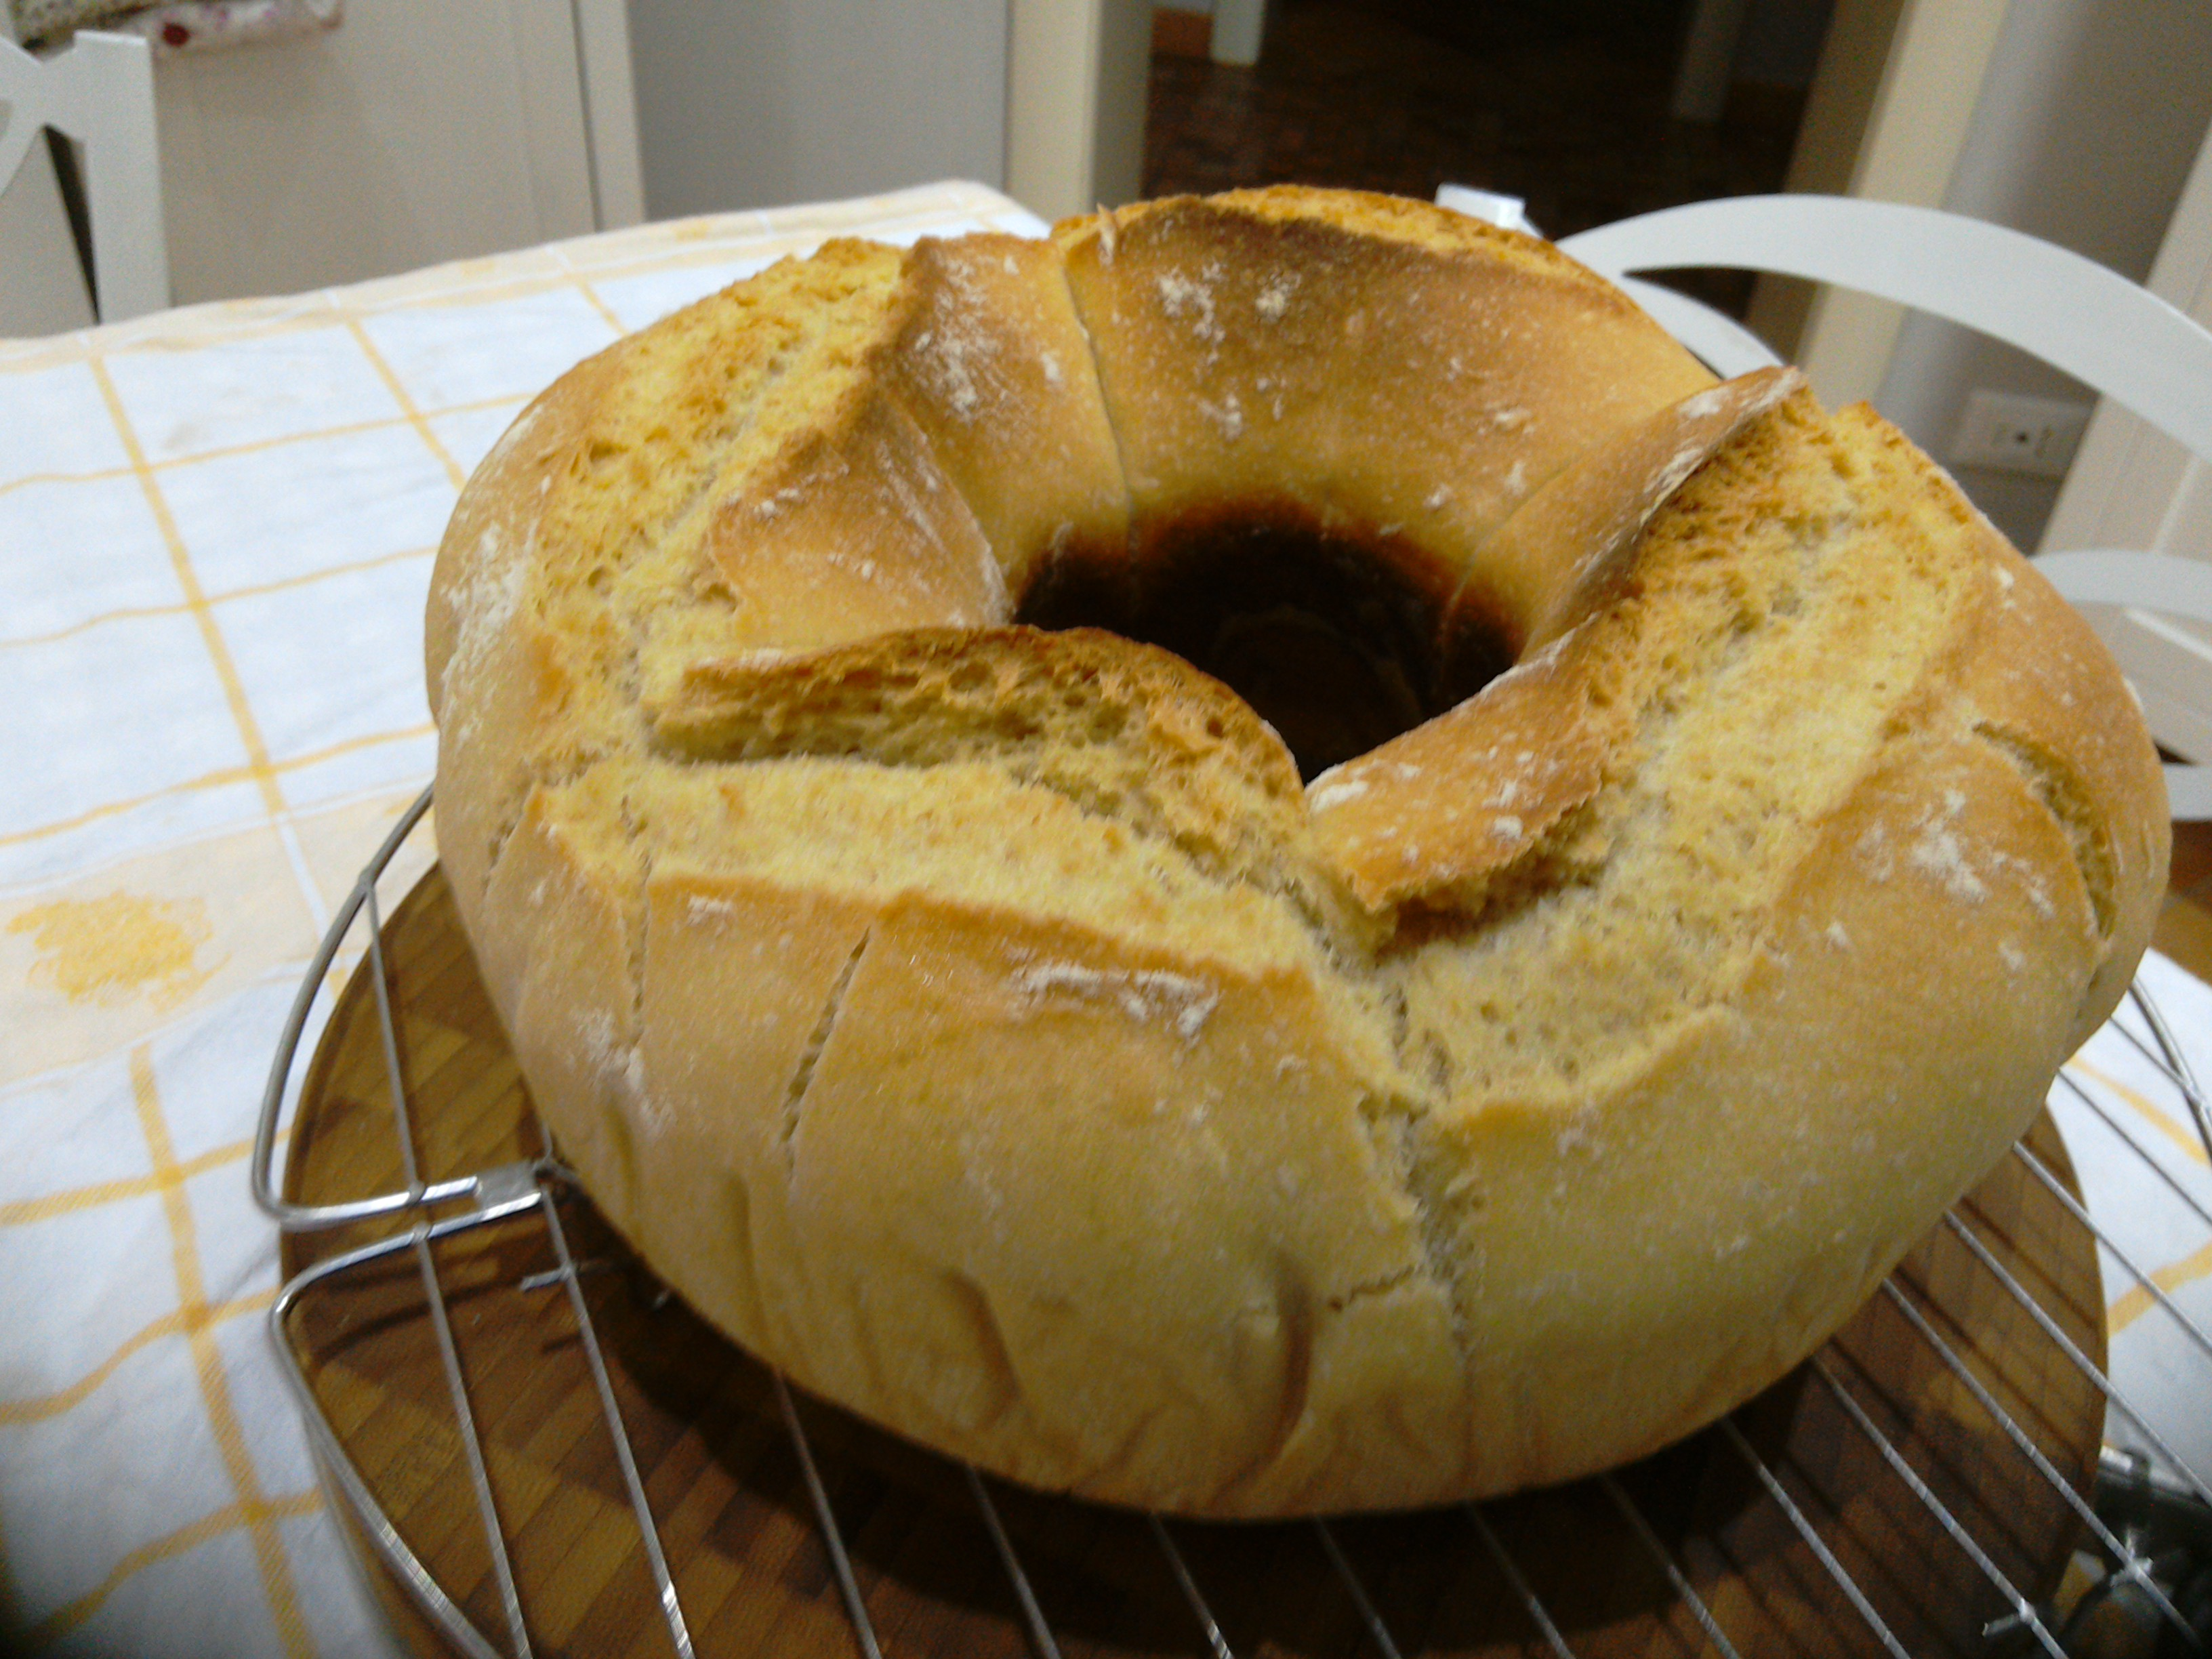 Pane di semola rimacinata di grano duro, cotto nel fornetto versilia